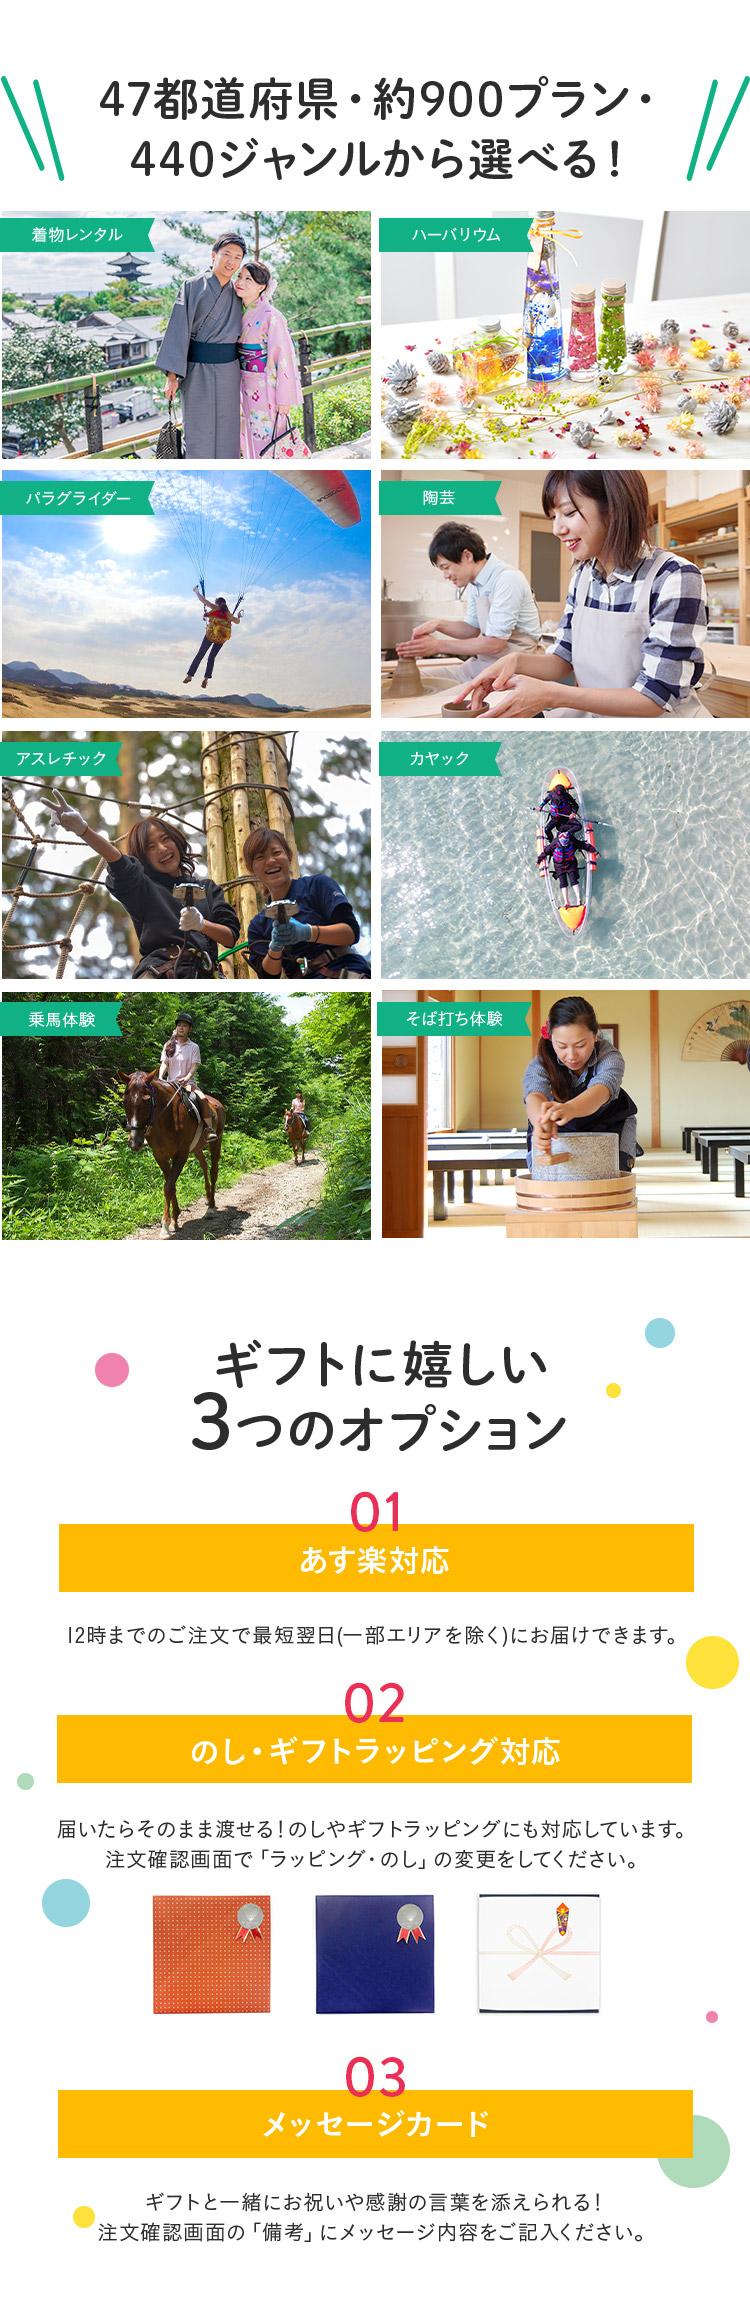 47都道府県・約900プラン・440ジャンルから選べる!